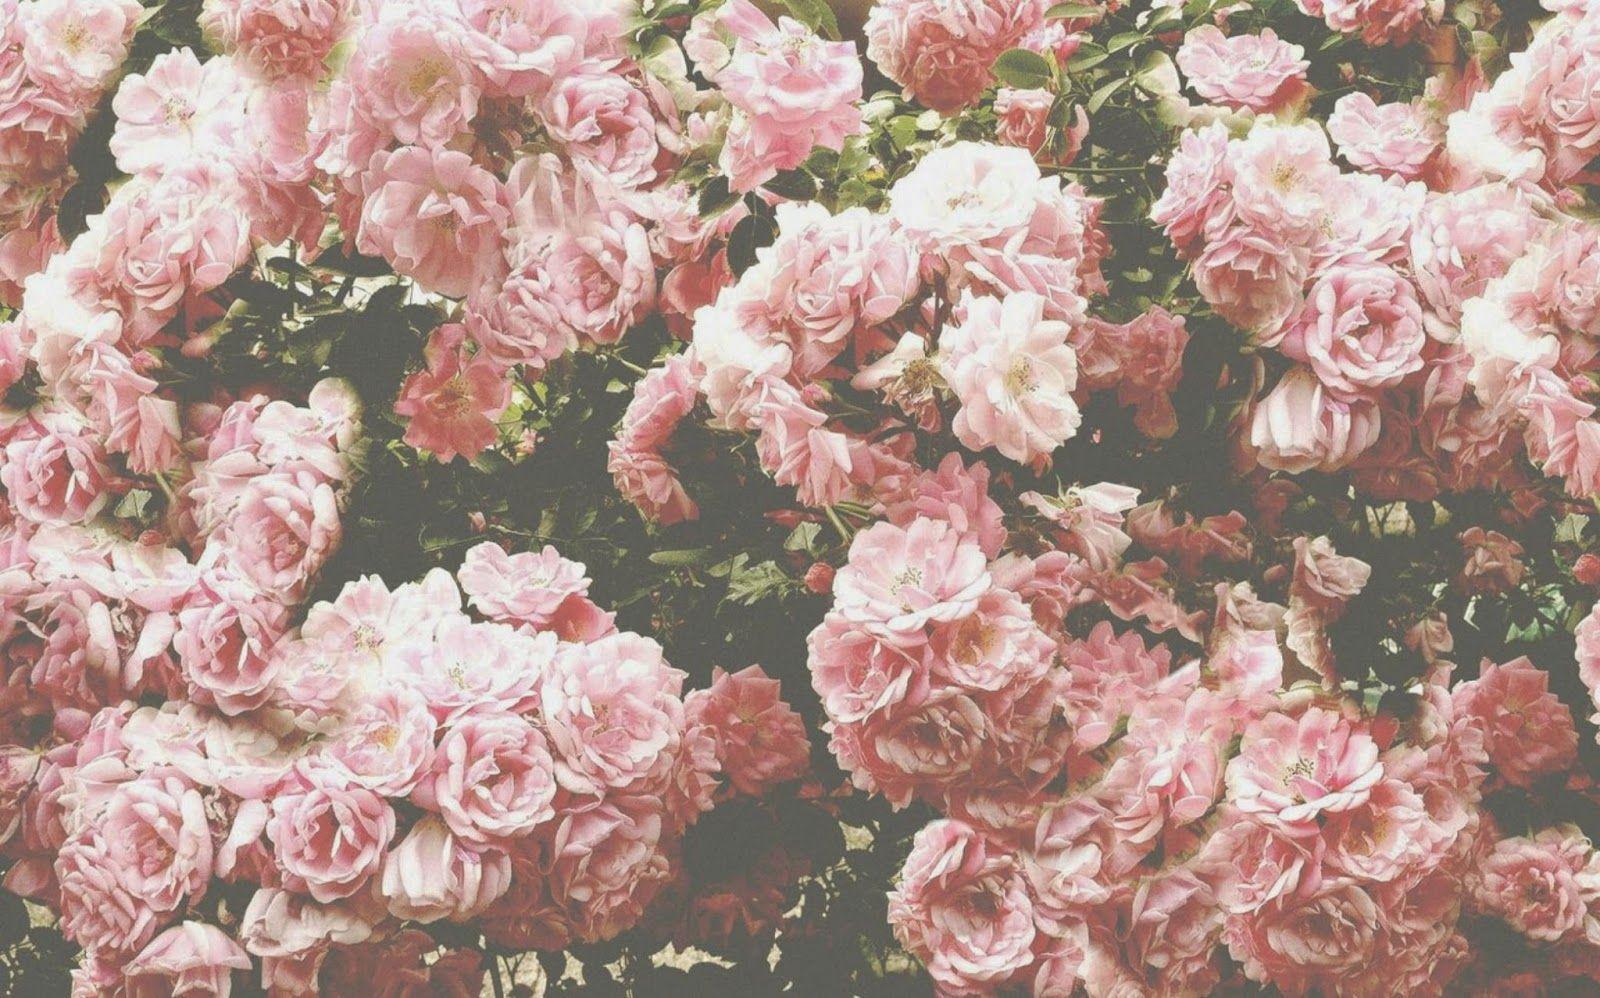 розовые картинки для твиттера это самом деле